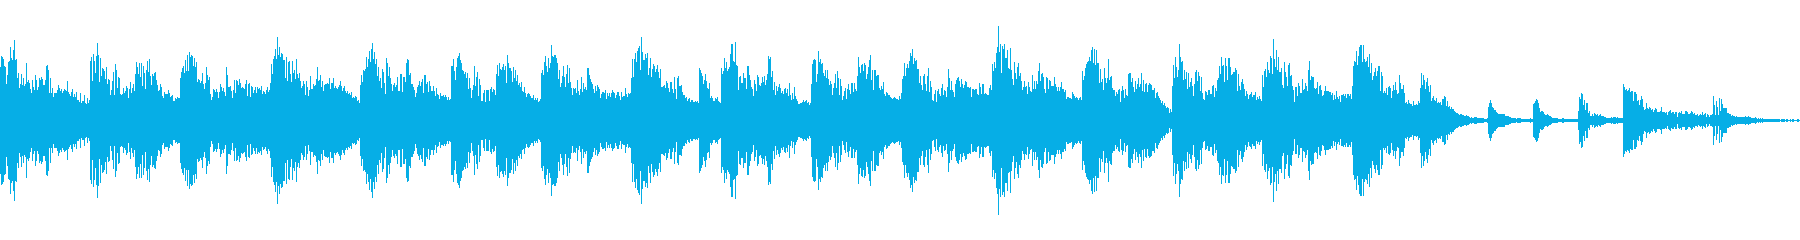 音遊びフルートでわくわく♪何がでるかな?の再生済みの波形